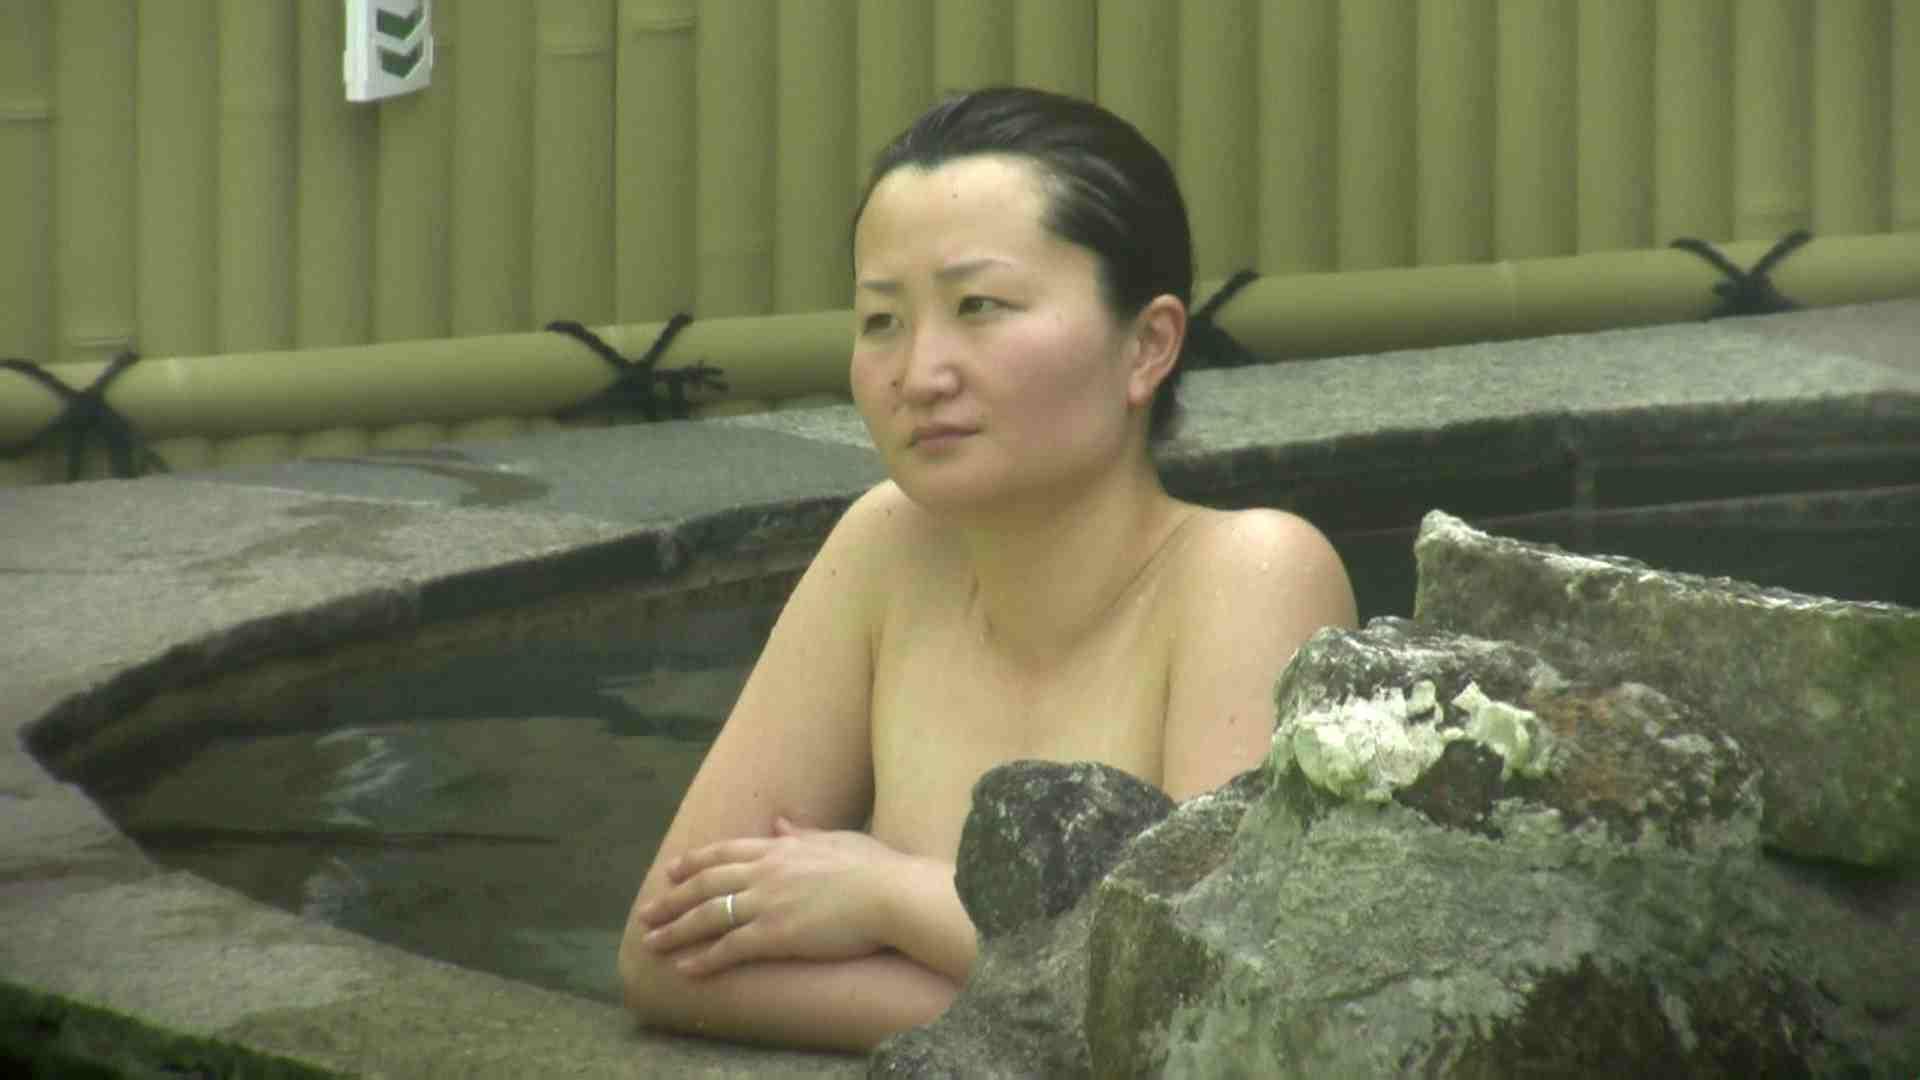 Aquaな露天風呂Vol.632 盗撮  70画像 9